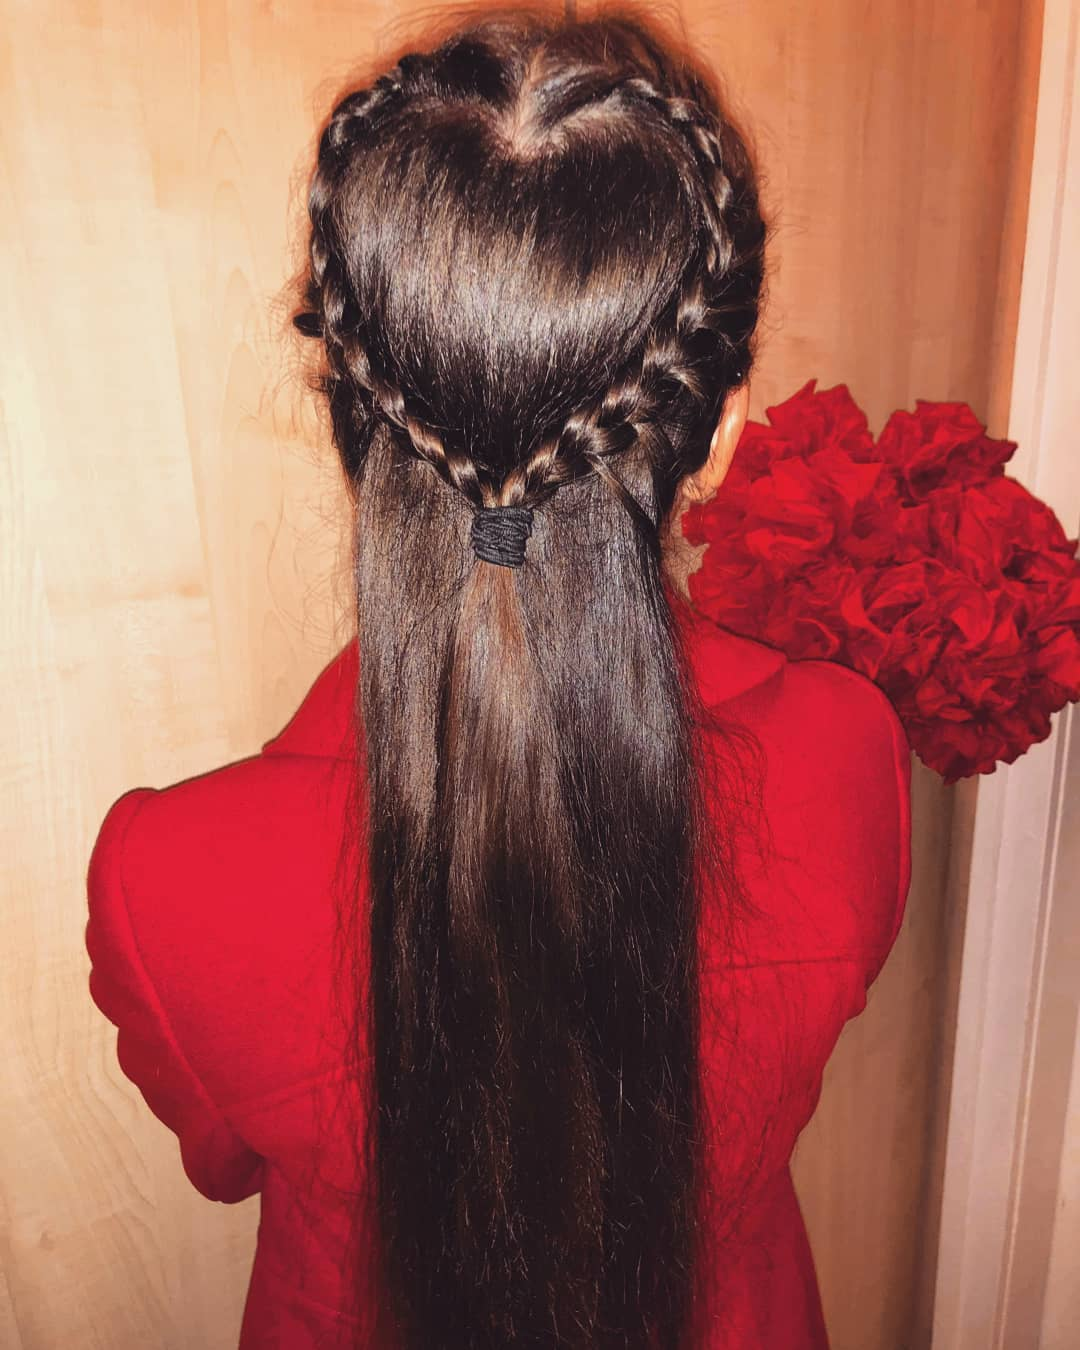 Penteados-para-o-dia-dos-namorados:-Inspiração,-tutoriais-e-fotos